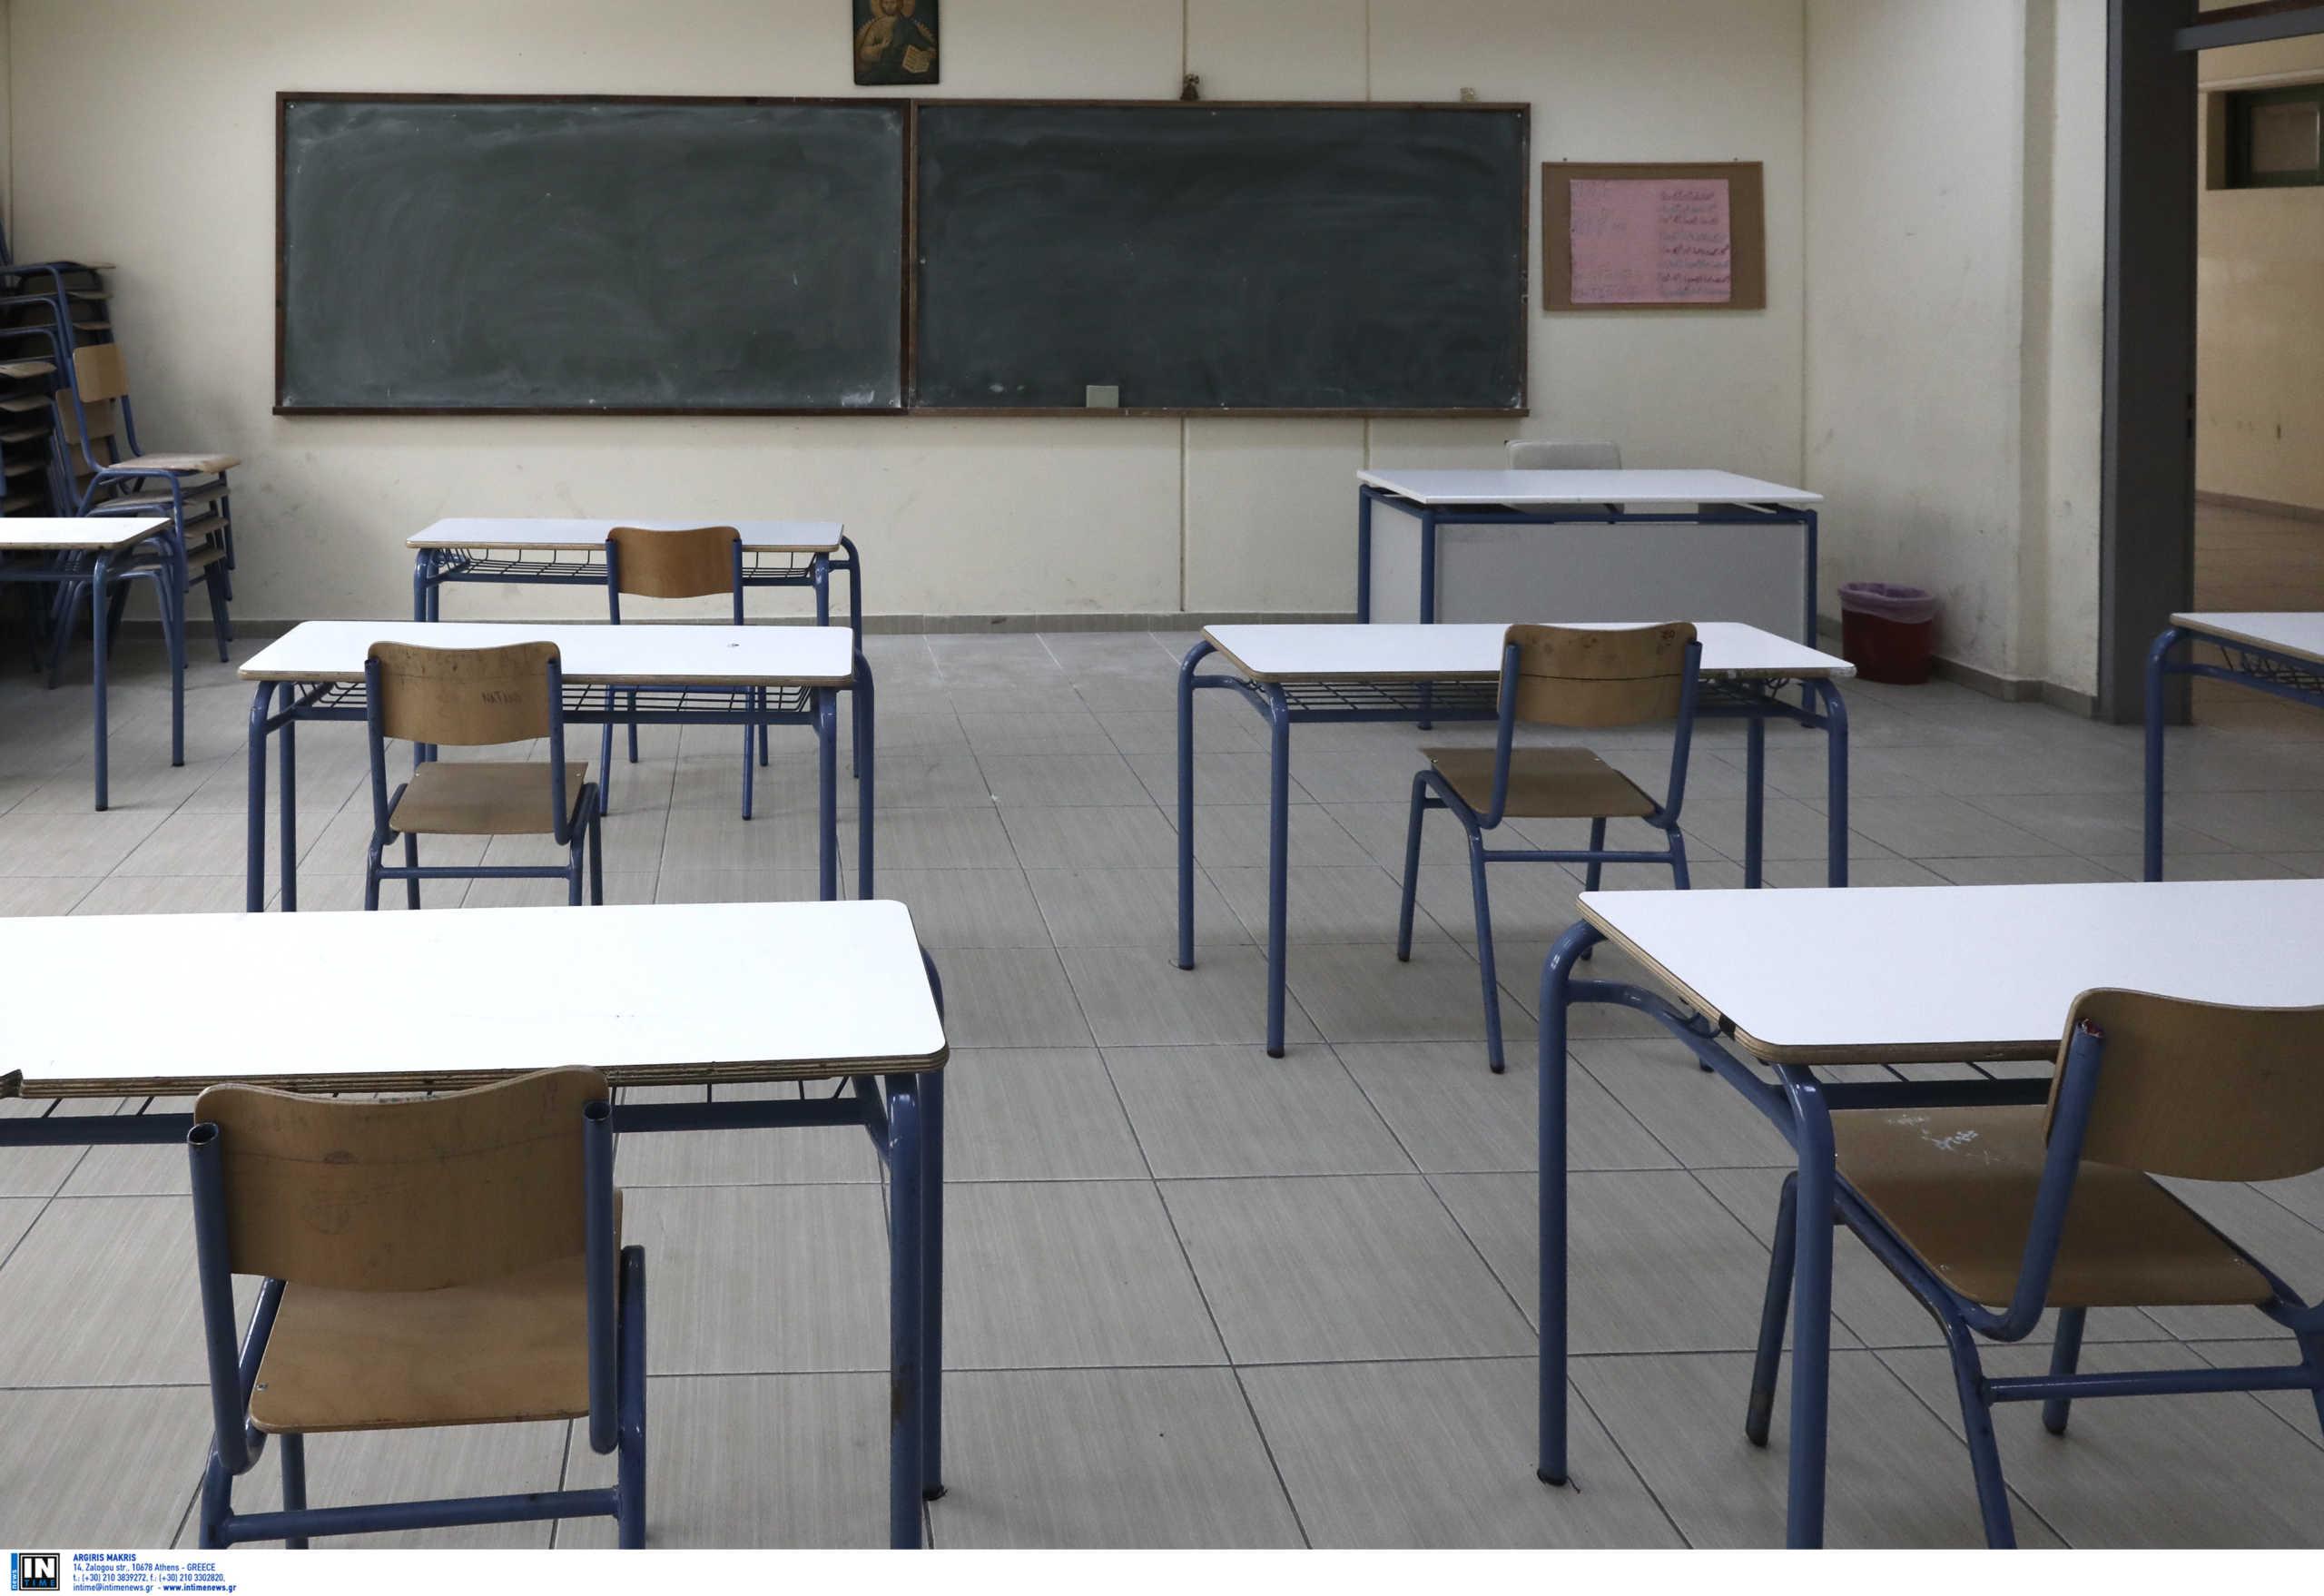 Σχολεία: 12 ερωτήσεις και απαντήσεις για τη λειτουργία των Νηπιαγωγείων και Δημοτικών από Δευτέρα